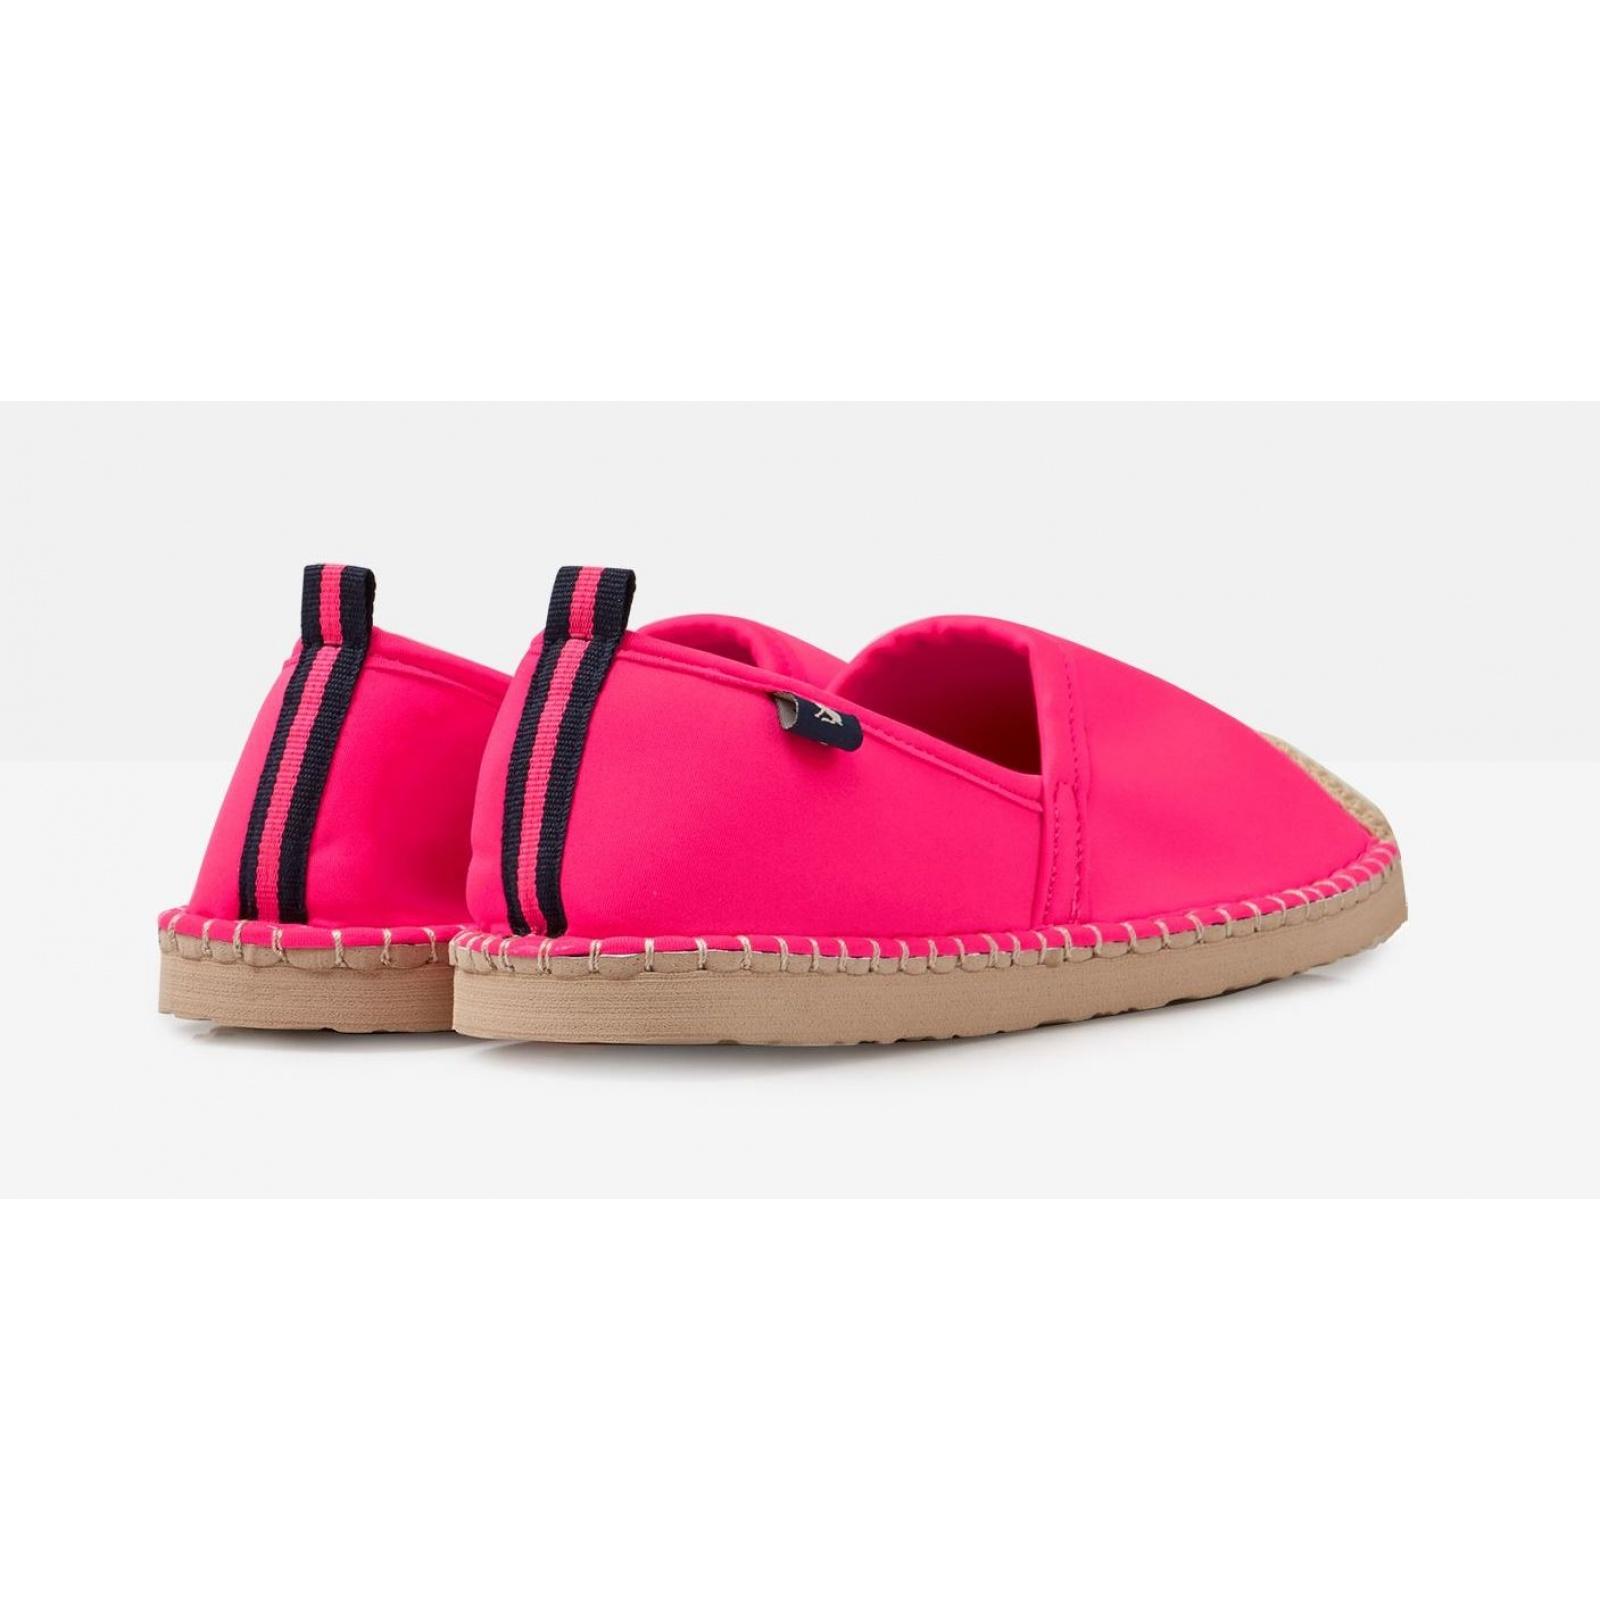 Joules-Ocean-Flipadrille-Lightweight-Summer-Shoe-SS19 miniature 9